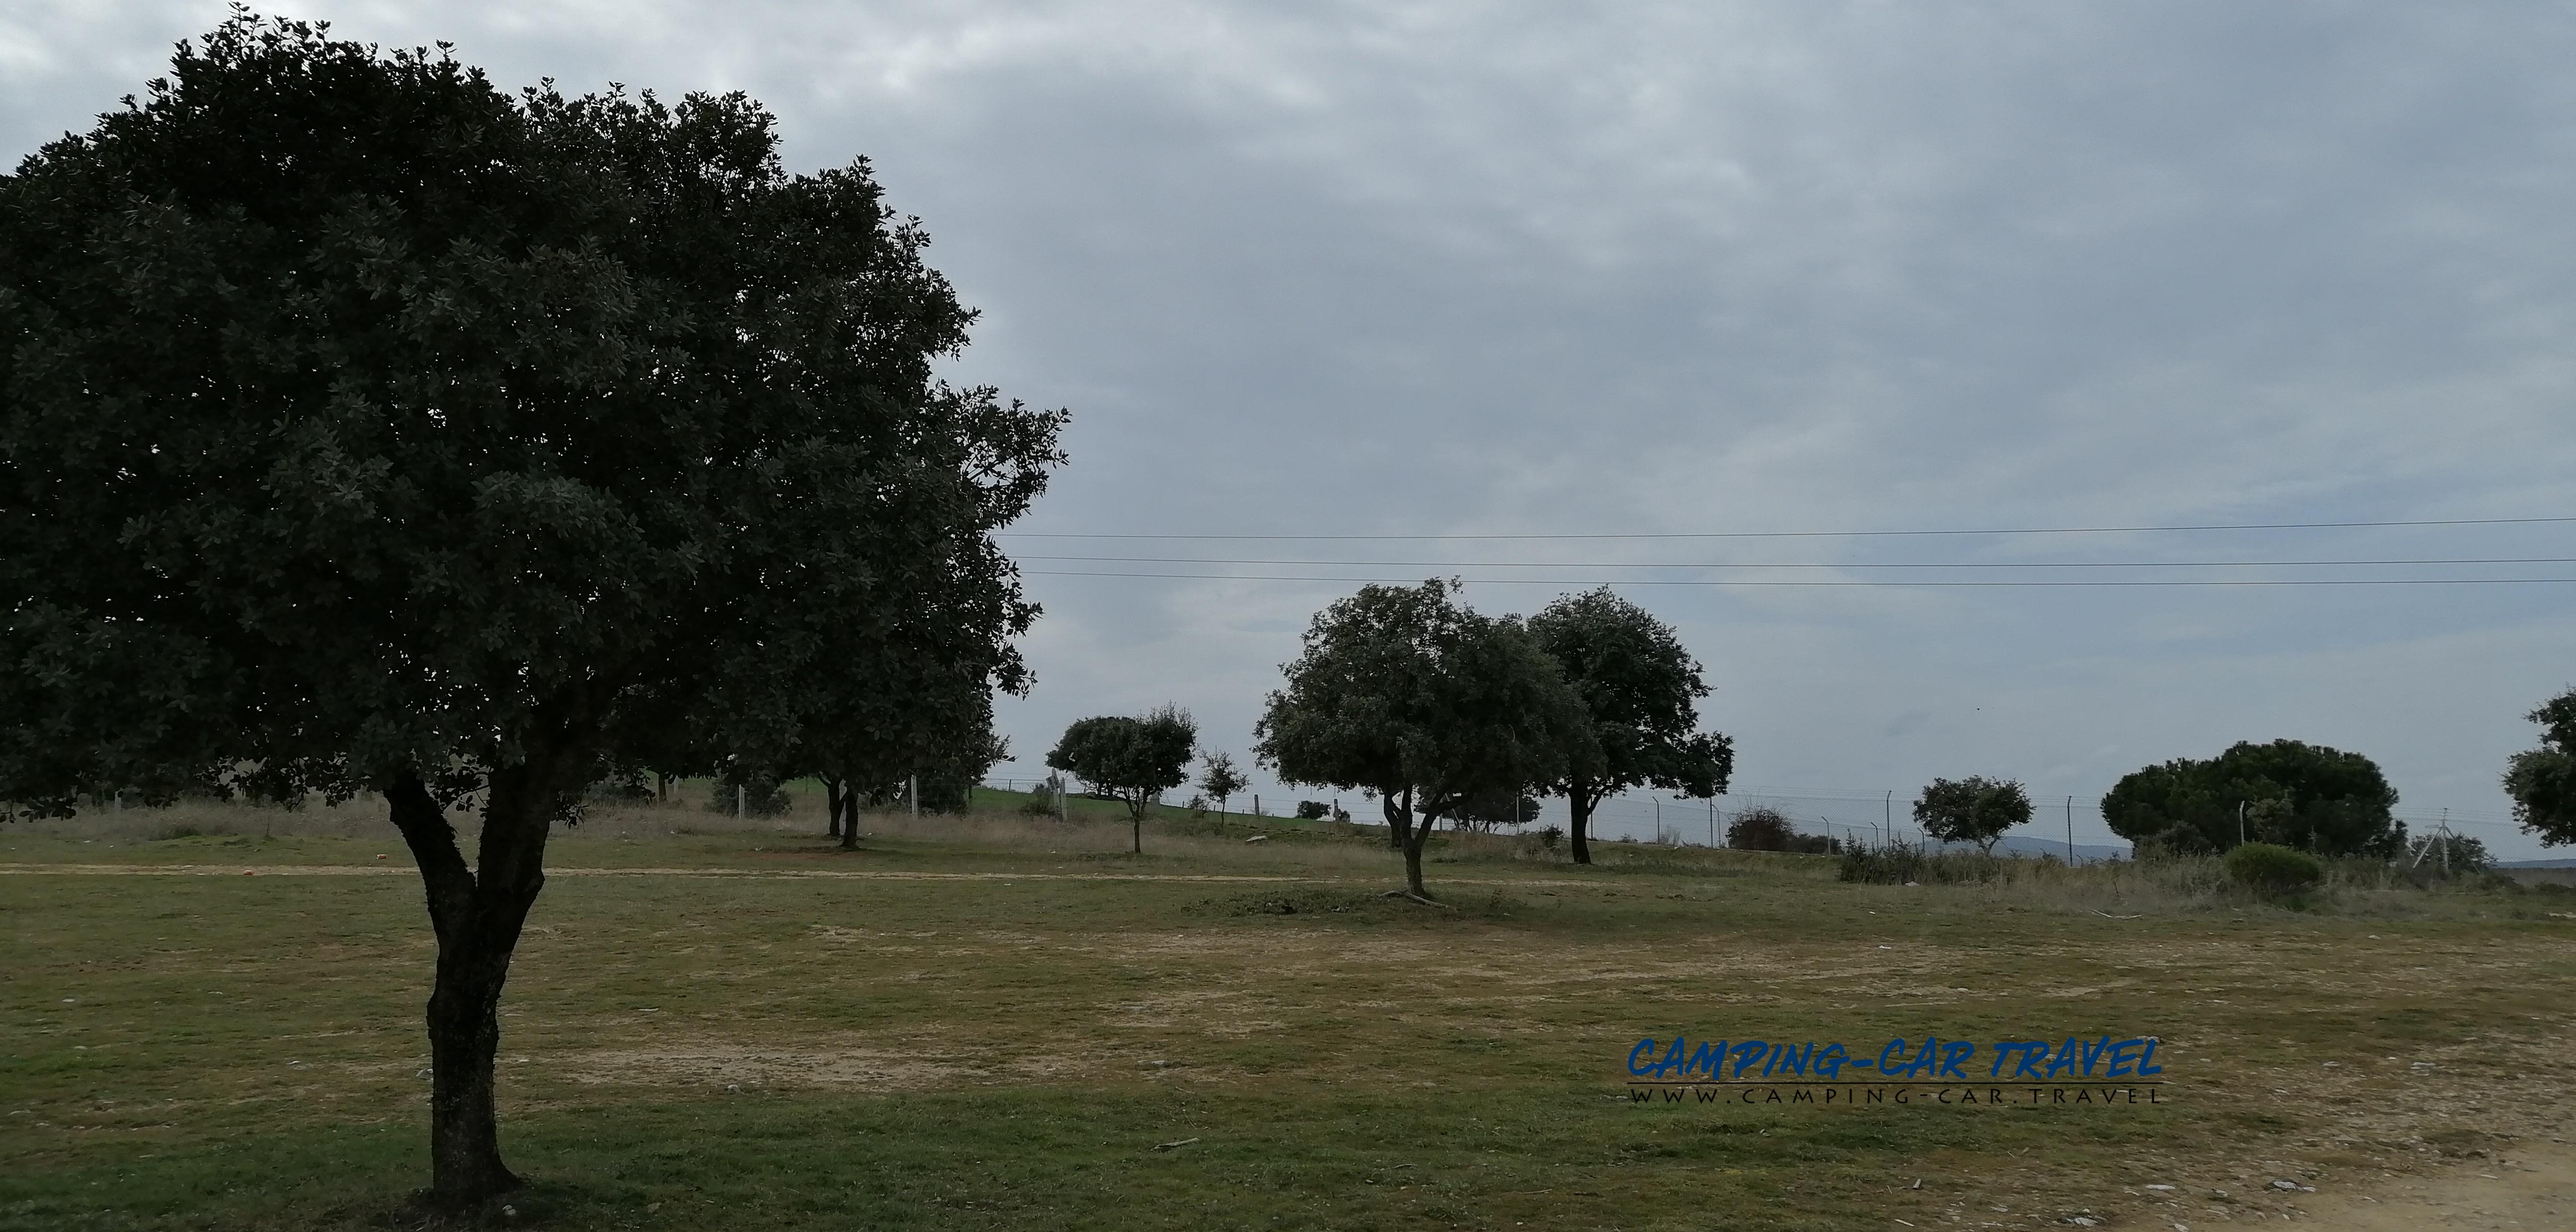 stationnement gratuit camping car Montejo Espagne Spain